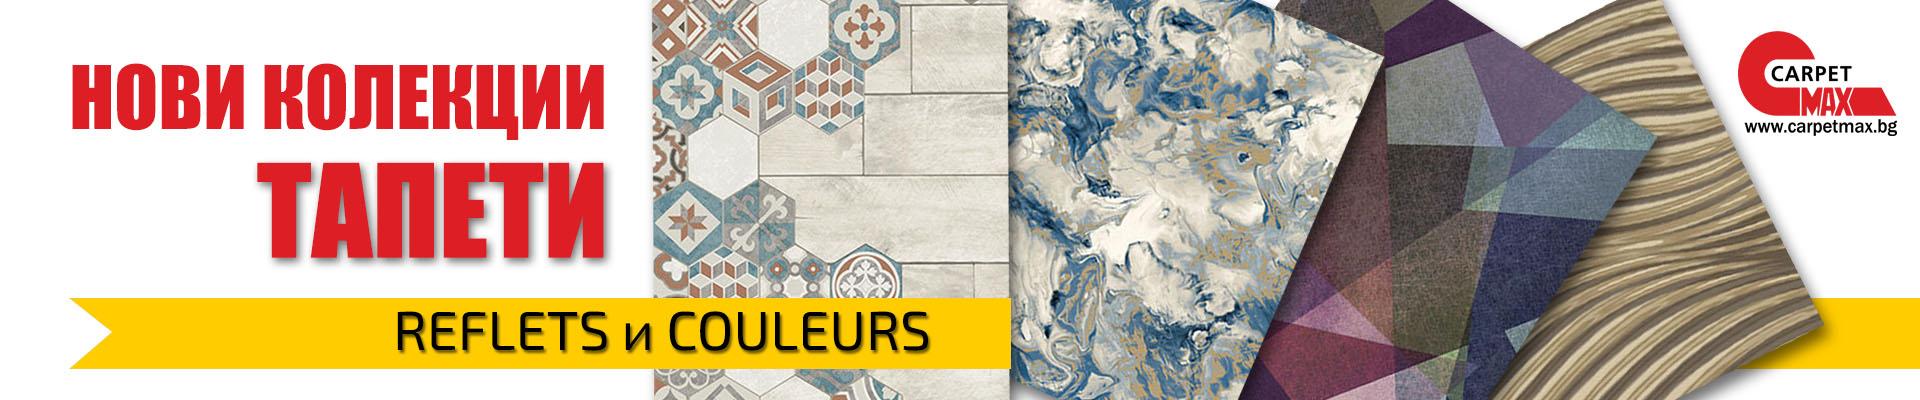 Нови колекции тапети Reflets и Couleurs